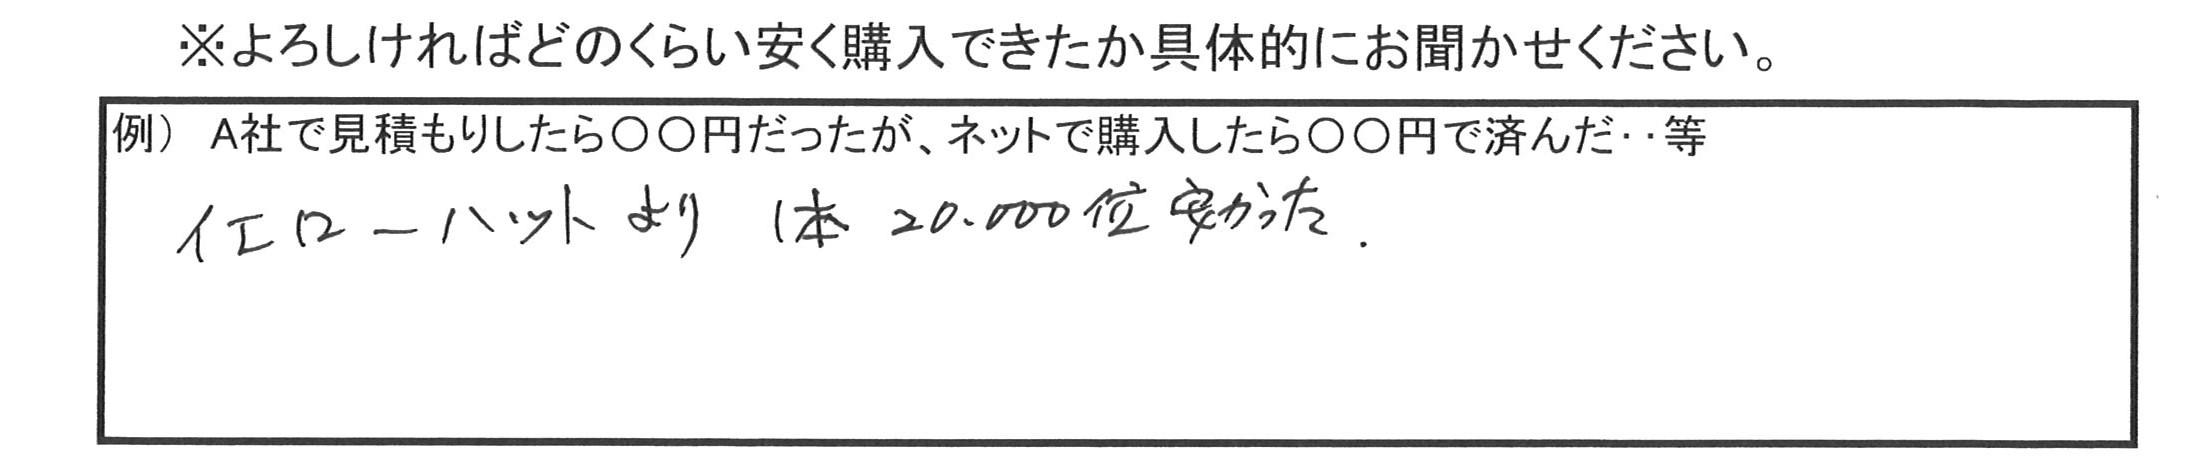 20160417古俣さまアンケート